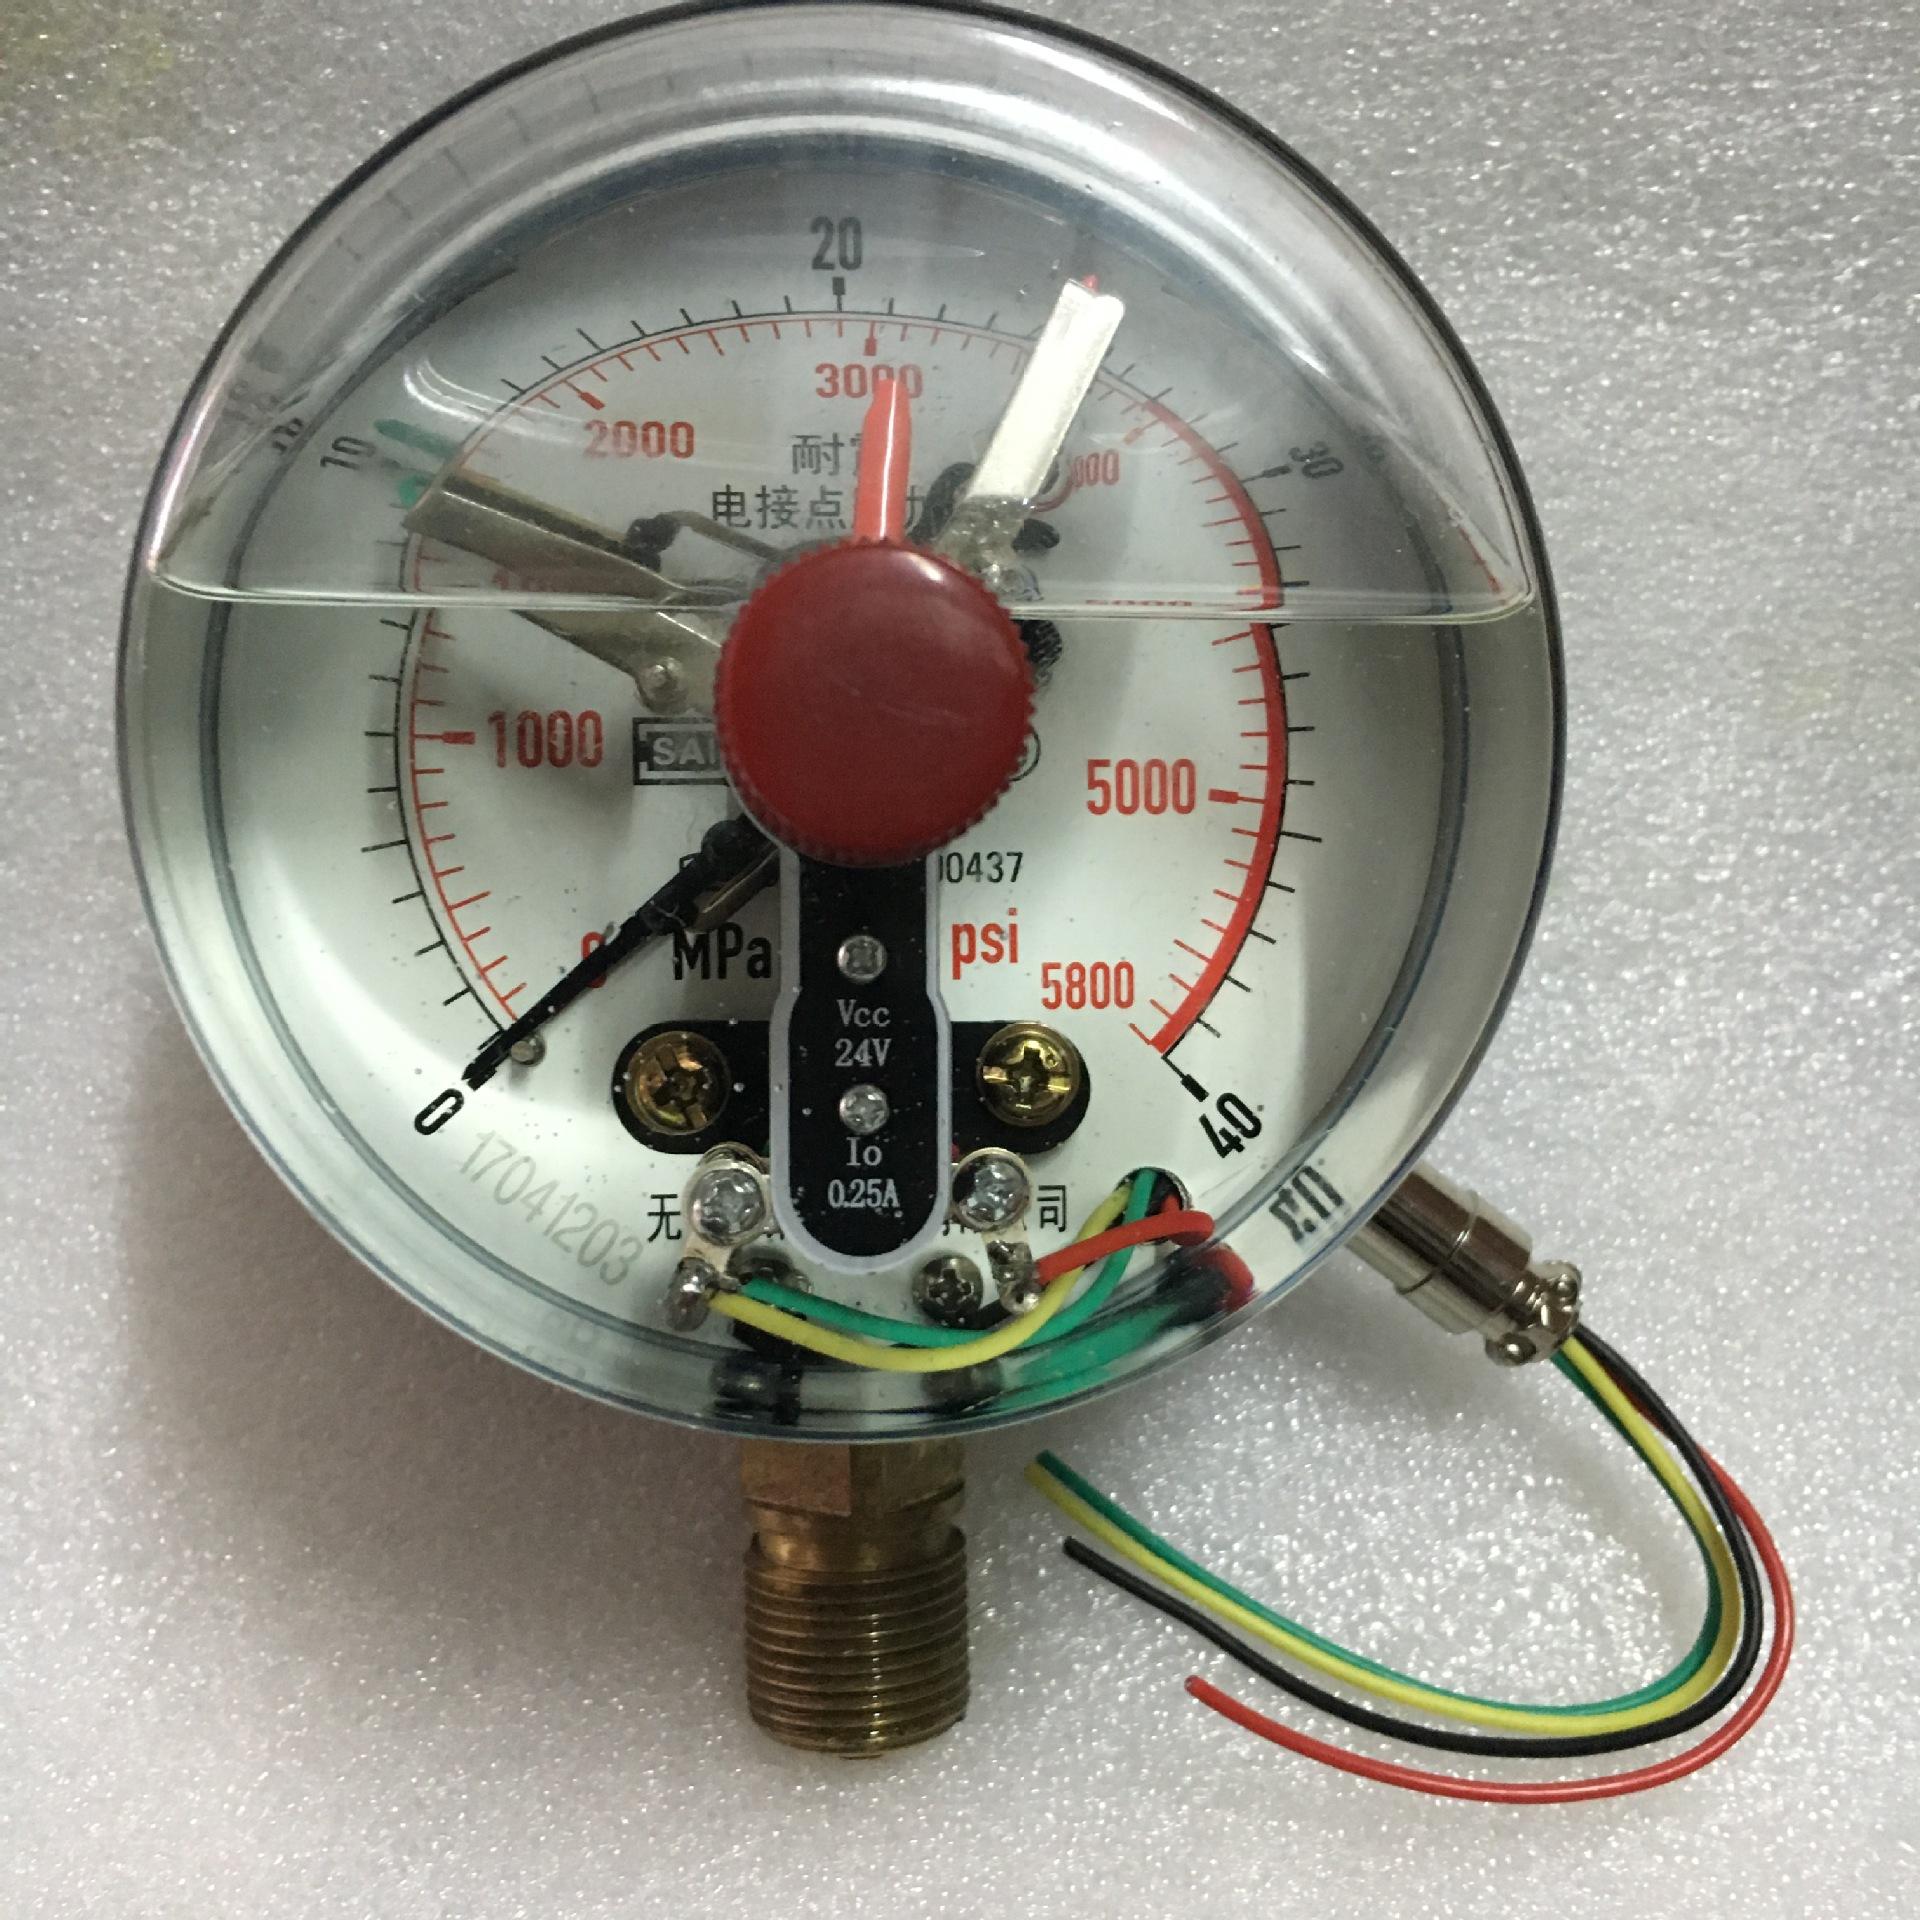 径向磁敏电接点24V耐震电接点压力表 耐震磁敏电接点表YNMC100